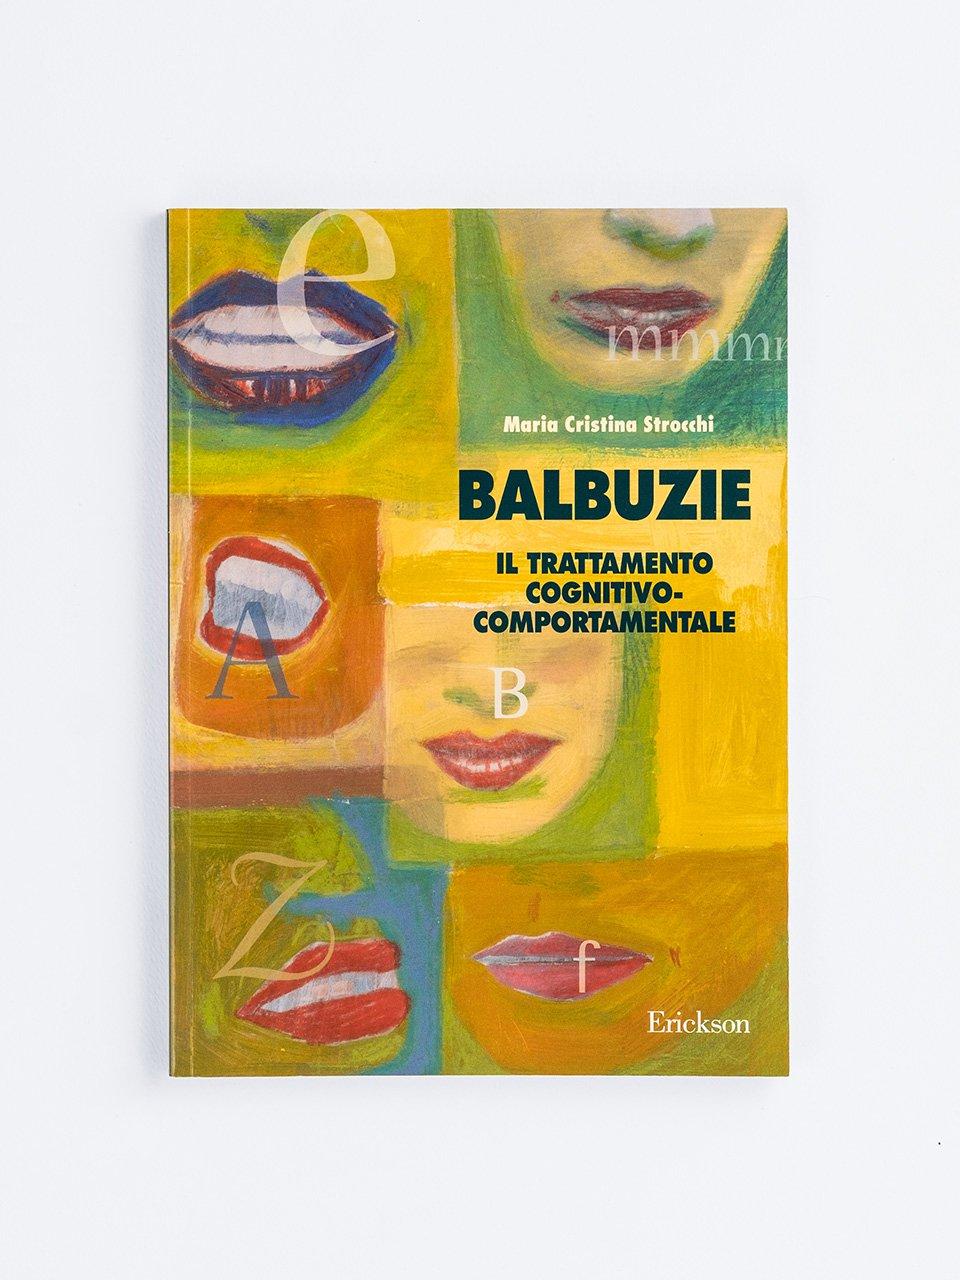 Balbuzie: il trattamento cognitivo-comportamentale - Geriatria - Erickson